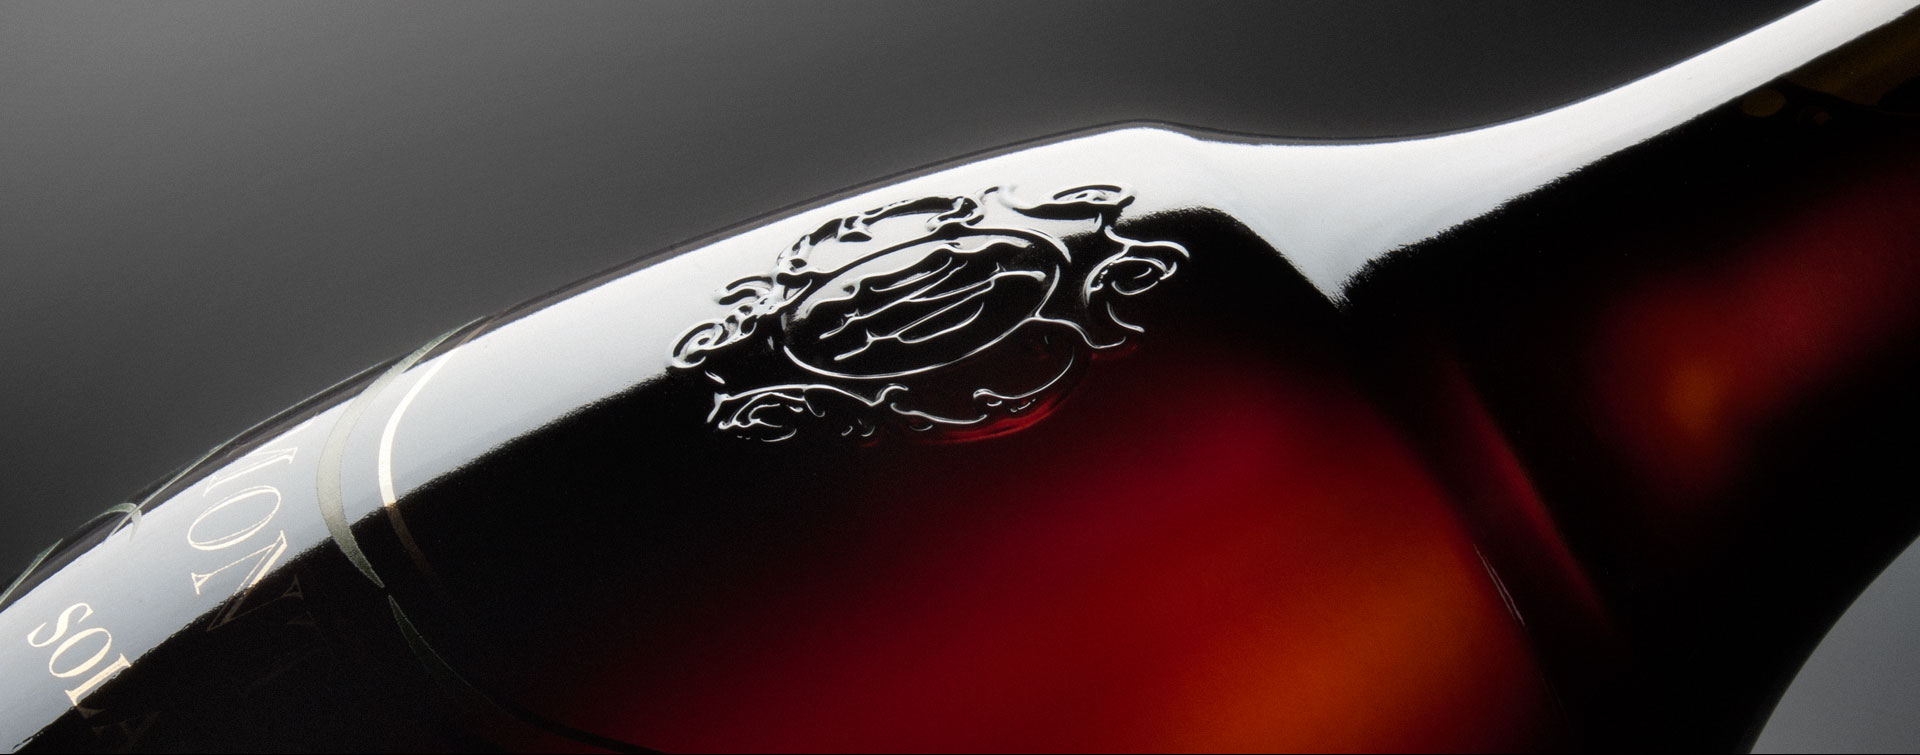 Cantina Montelio, vini tradizionali dell'Oltrepo'